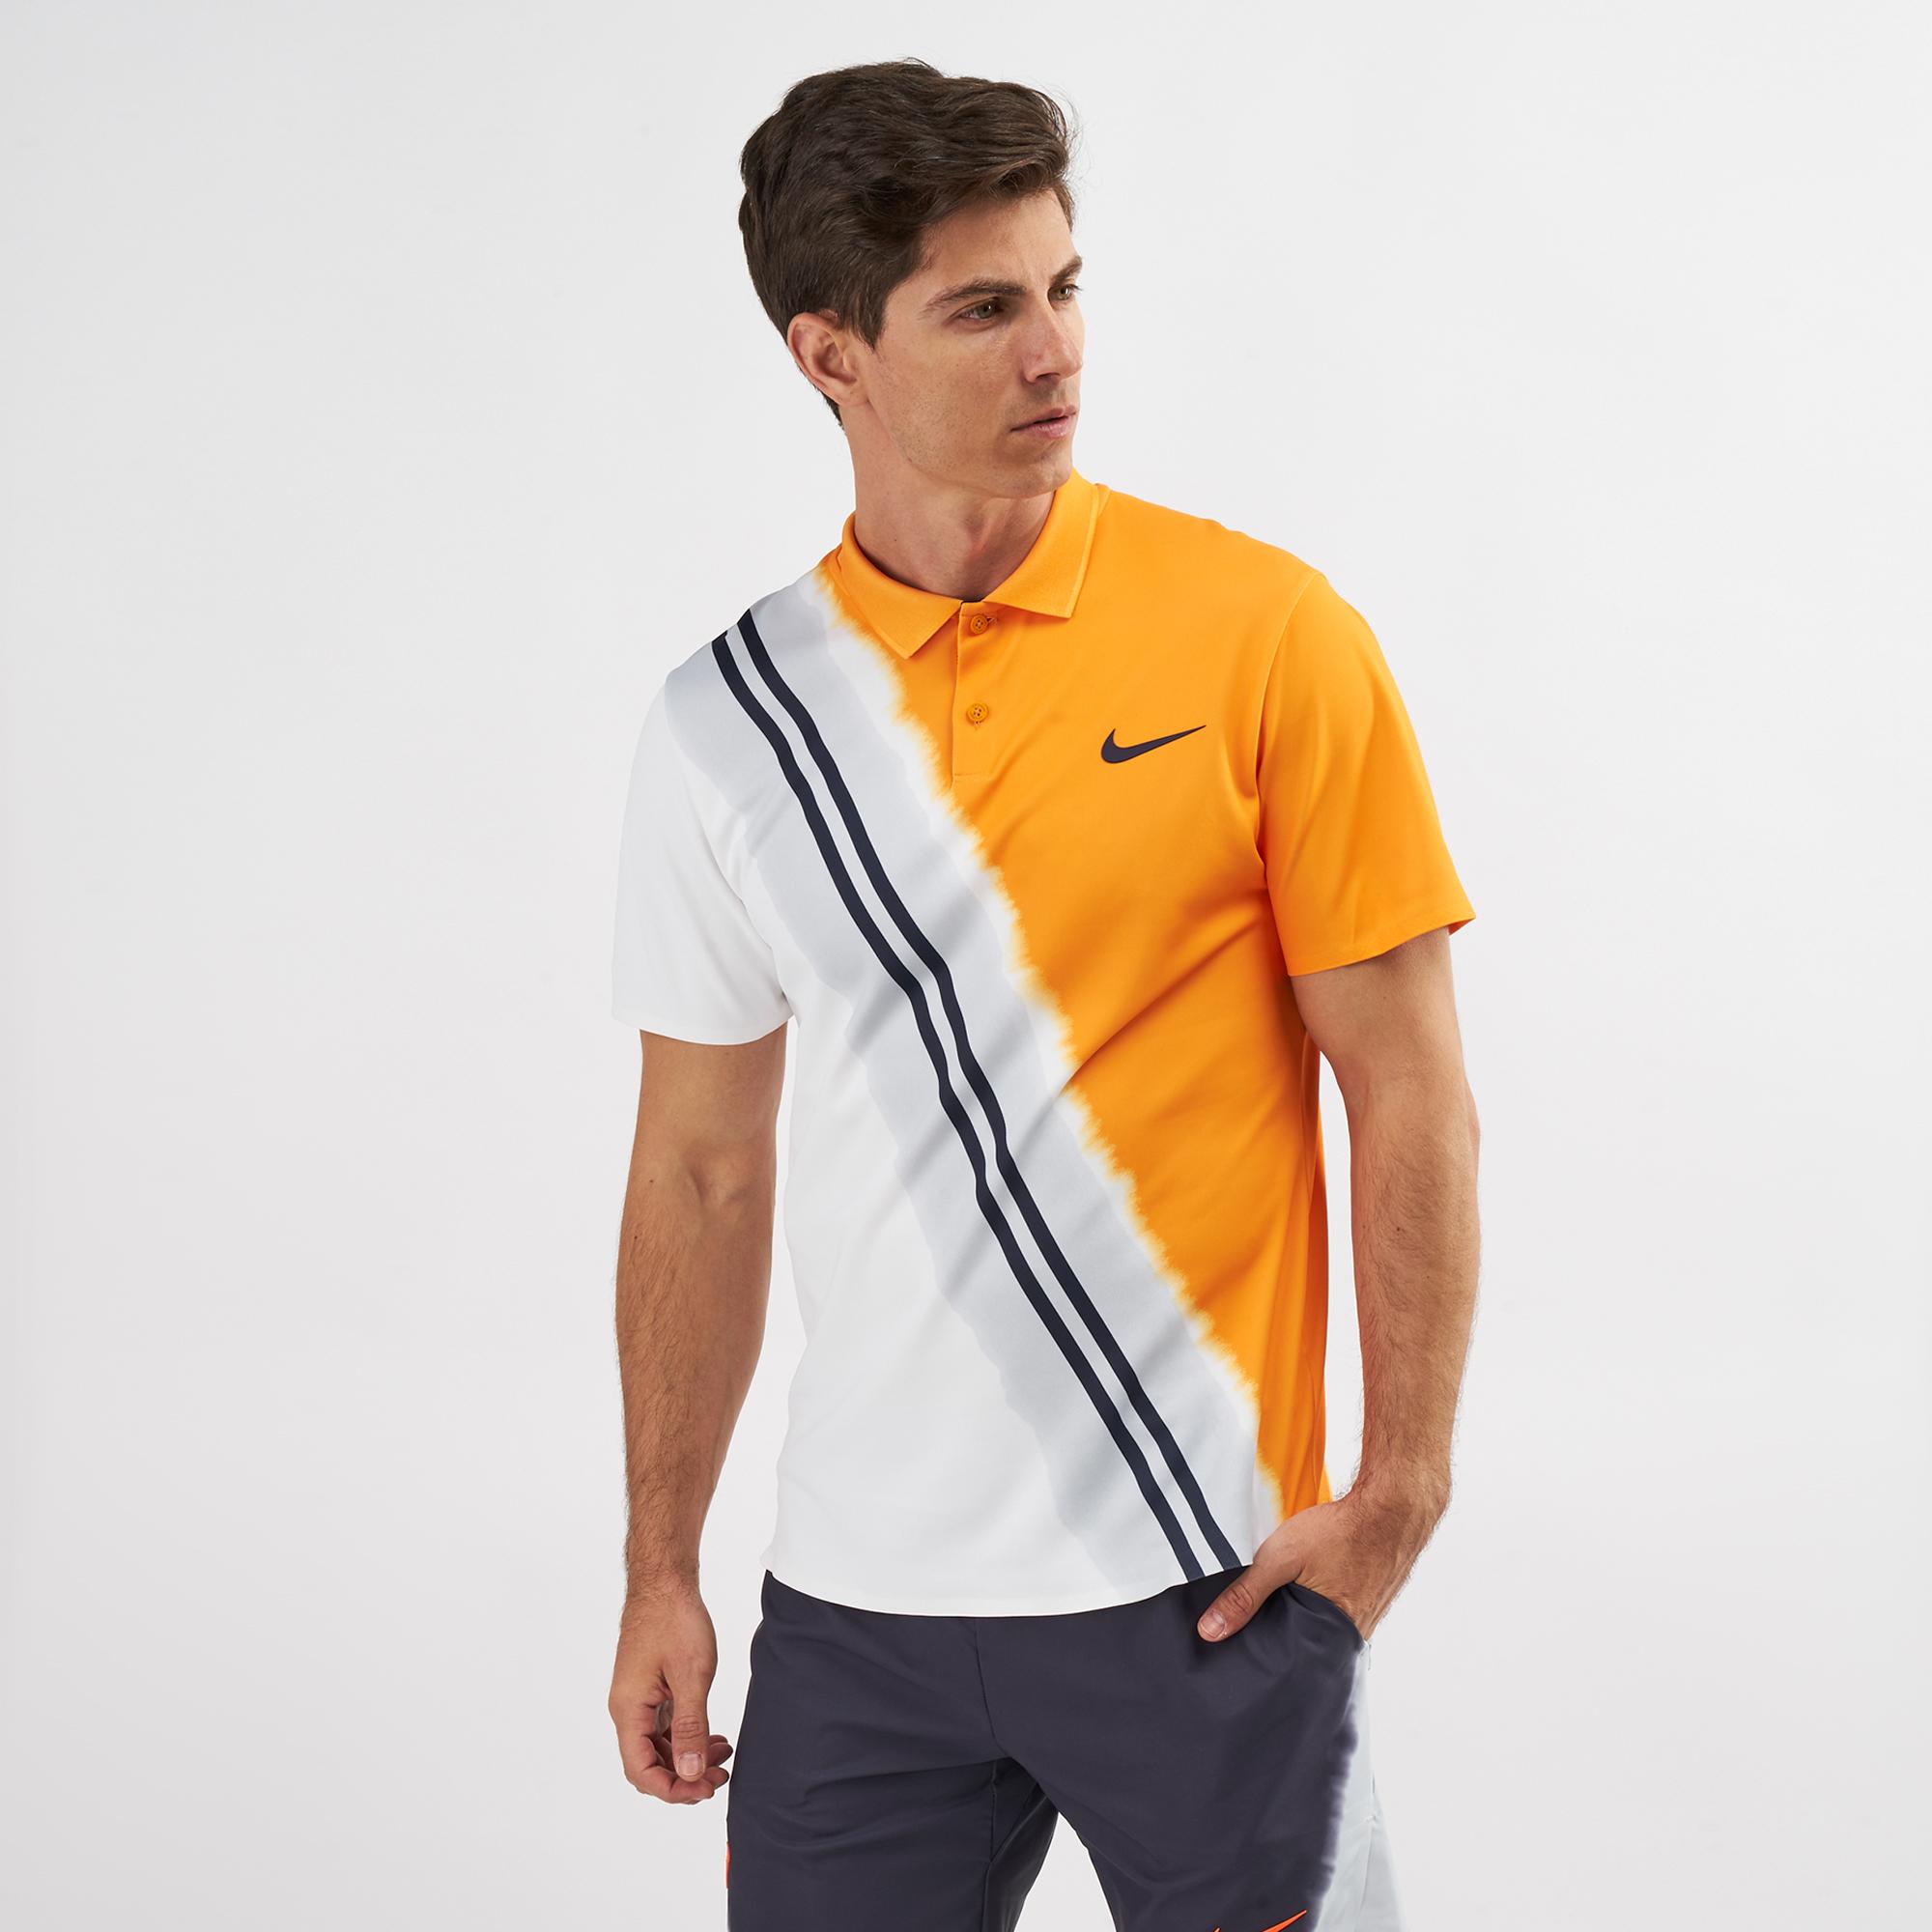 Nike Dri Fit Court Breath Premier Advantage Splatter Print Polo shirt tennis men